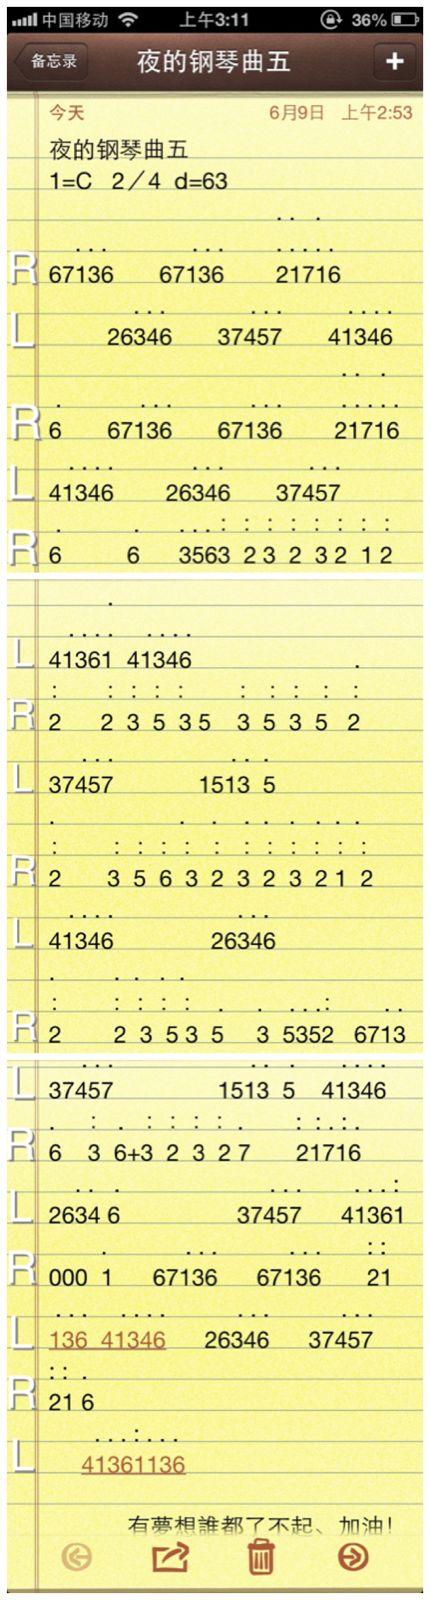 夜的钢琴曲五,c调,而且是纯简谱图片